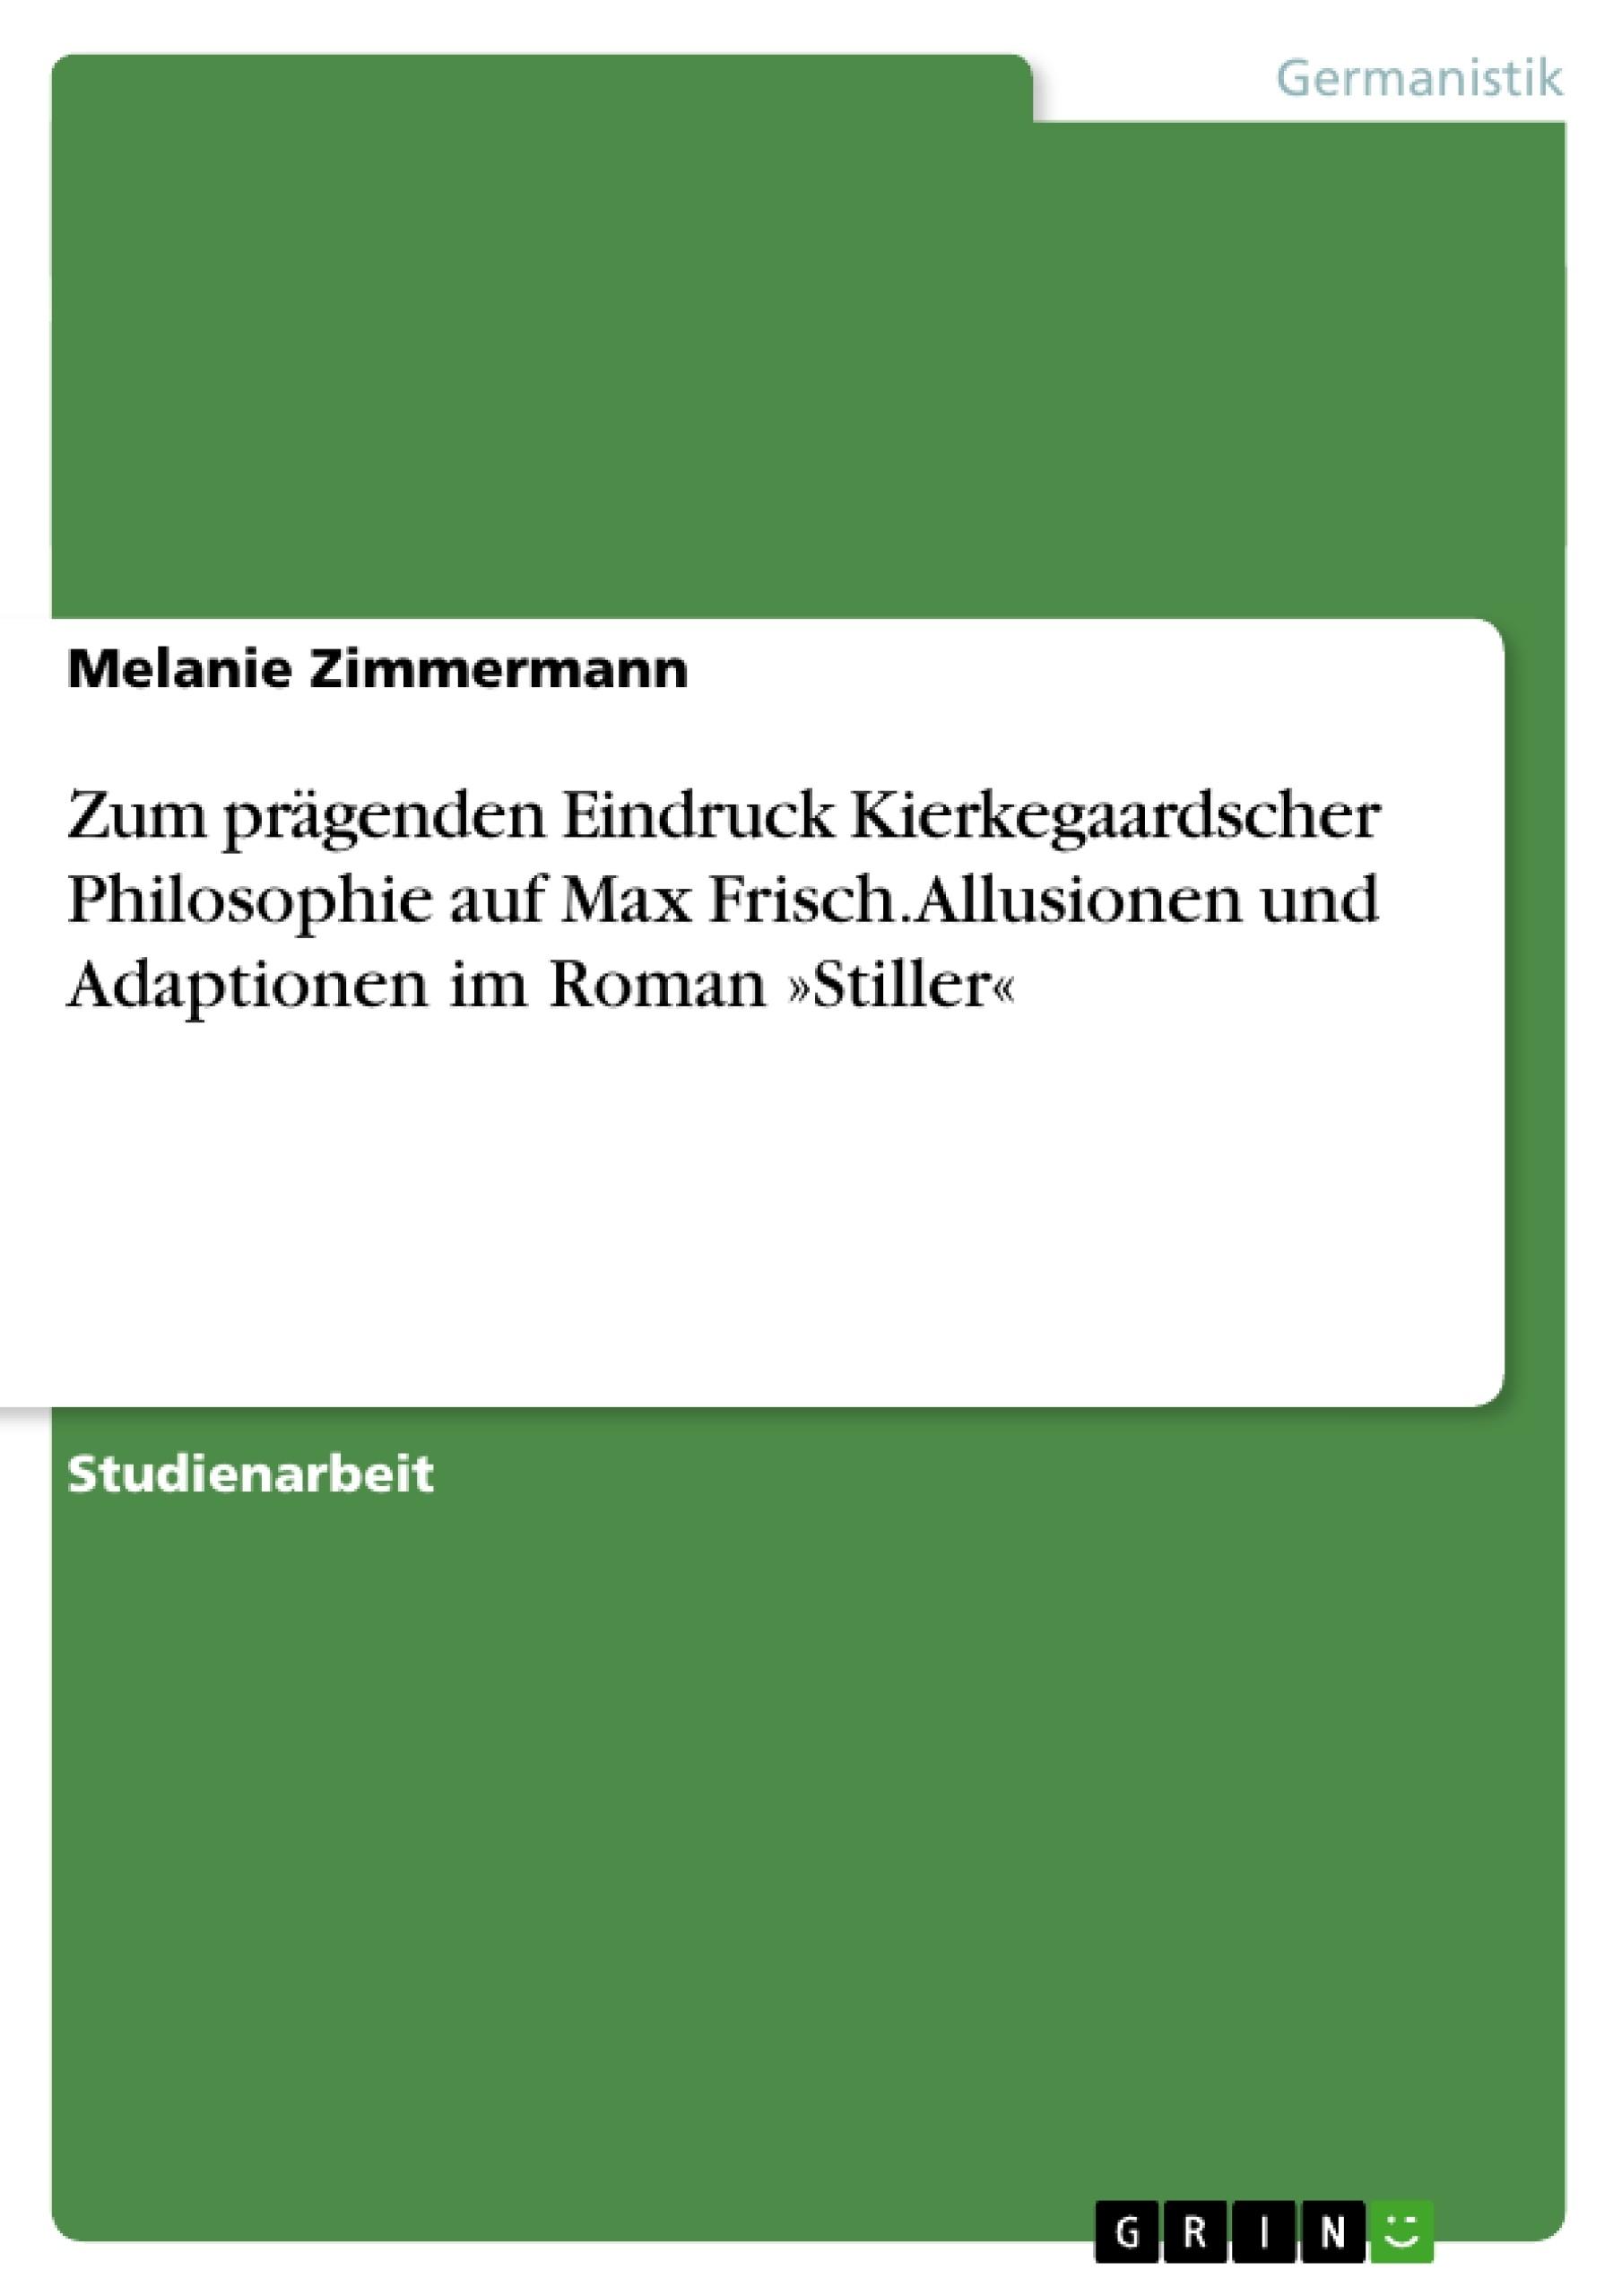 Titel: Zum prägenden Eindruck Kierkegaardscher Philosophie auf Max Frisch. Allusionen und Adaptionen im Roman »Stiller«